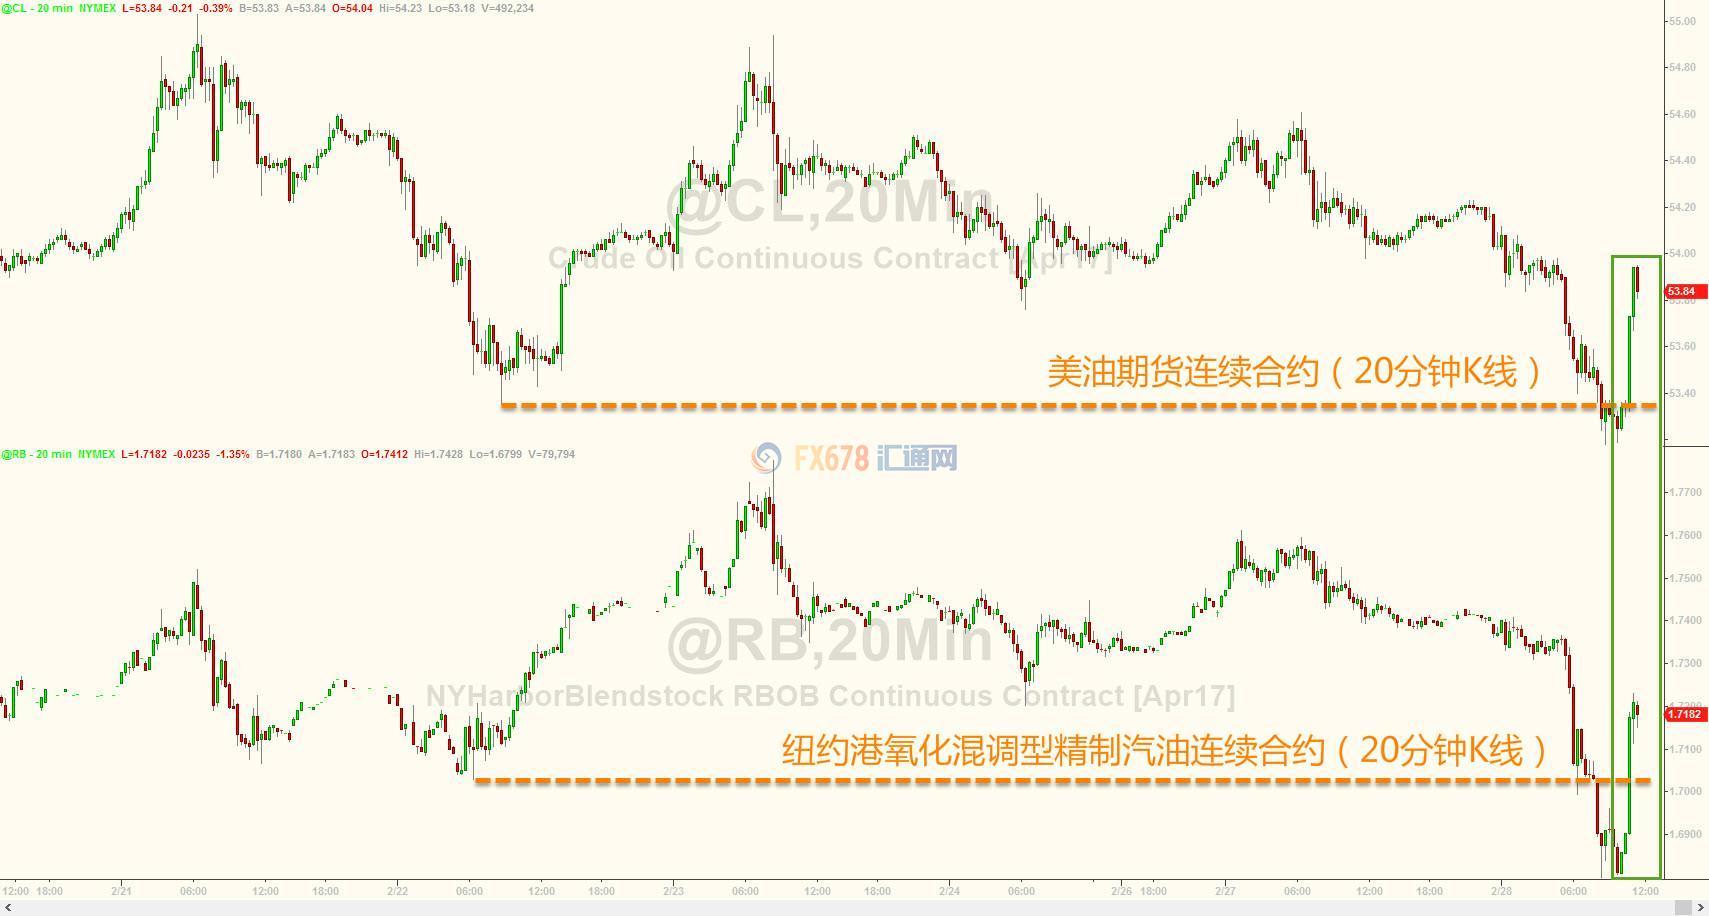 美原油盘中反弹两大原因:OPEC减产率及白宫能源政策